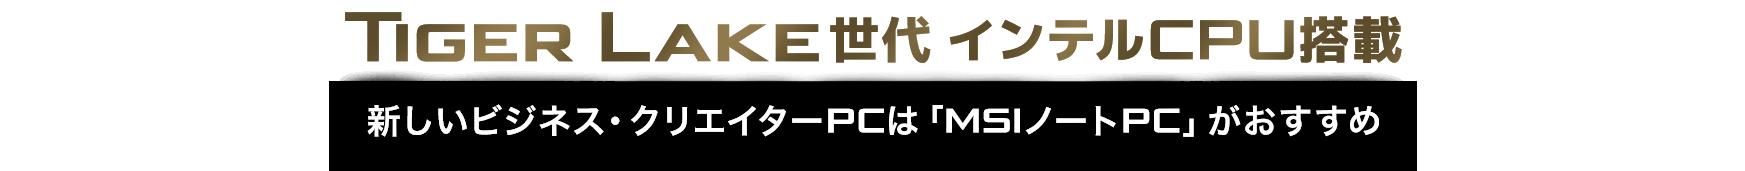 Tiger Lake世代 インテルCPU搭載 新しいビジネス・クリエイターPCは「MSIノートPC」がおすすめ